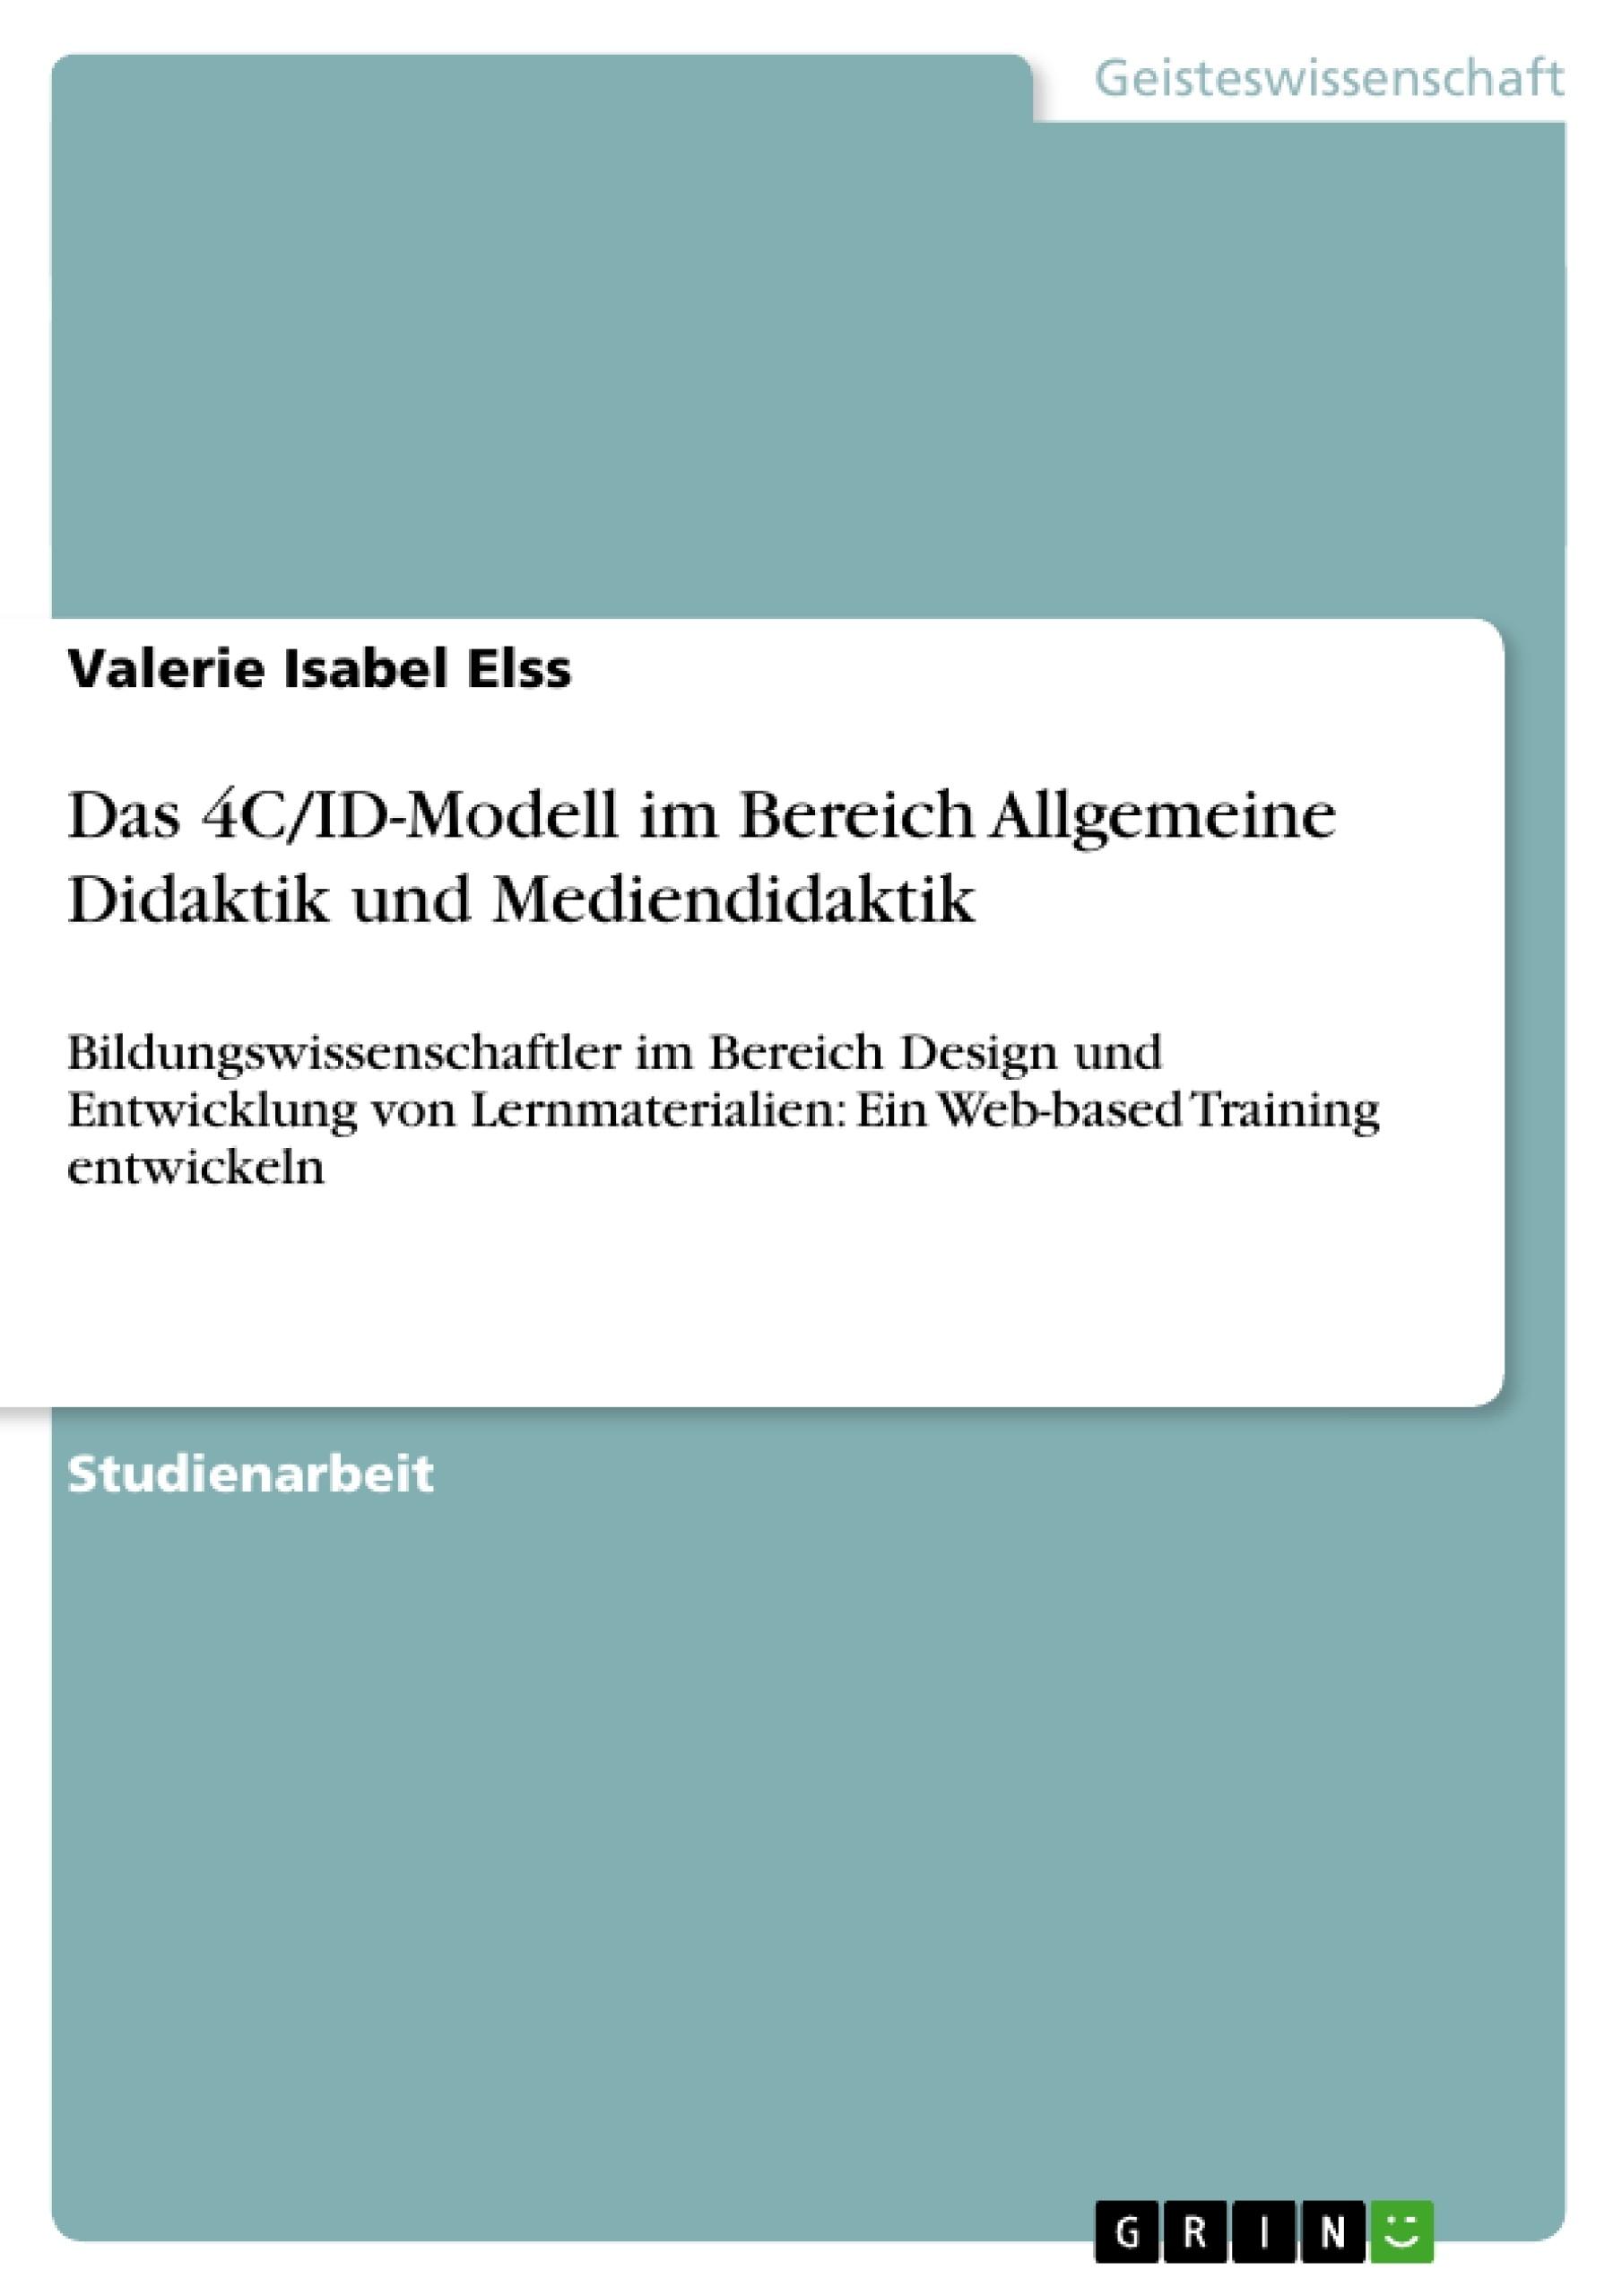 Titel: Das 4C/ID-Modell im Bereich Allgemeine Didaktik und Mediendidaktik